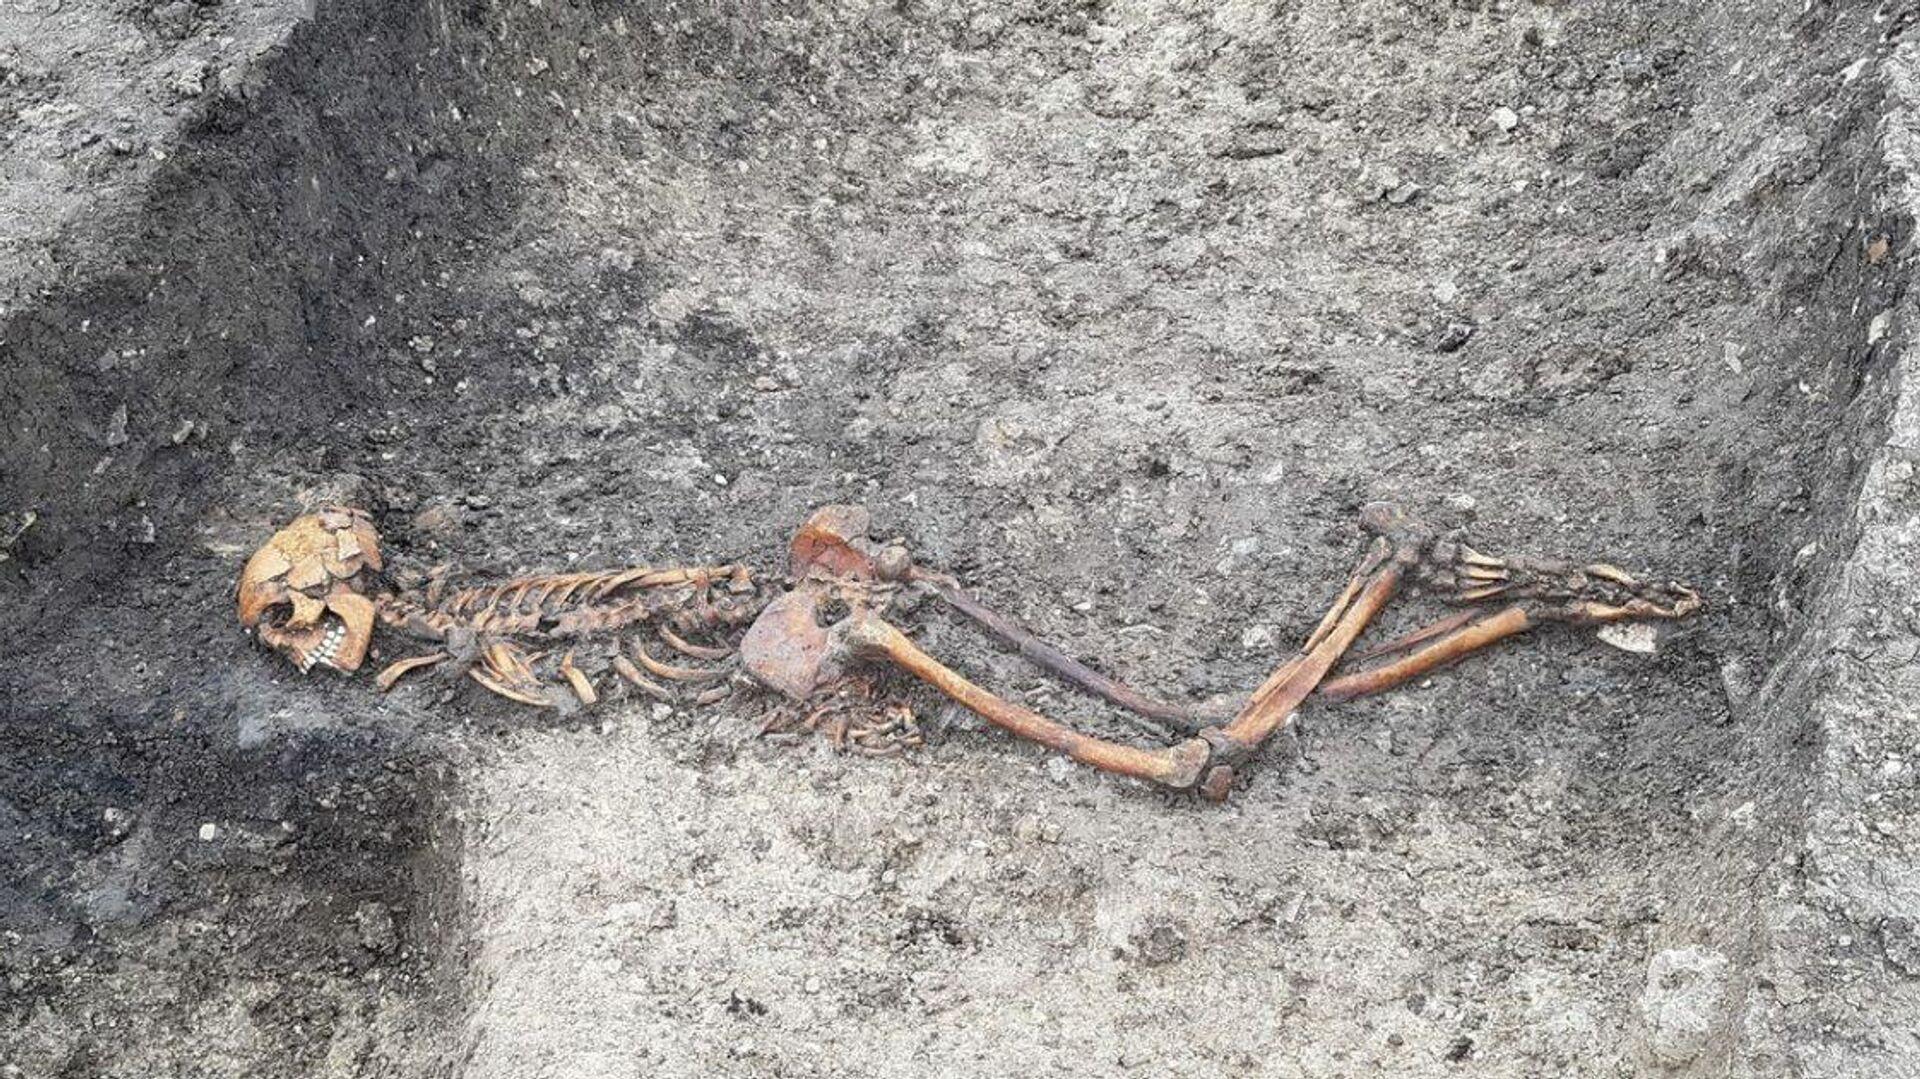 Останки человека, который жил около двух тысяч лет, найденные около фермы Уэллвик в Великобритании - РИА Новости, 1920, 16.07.2020